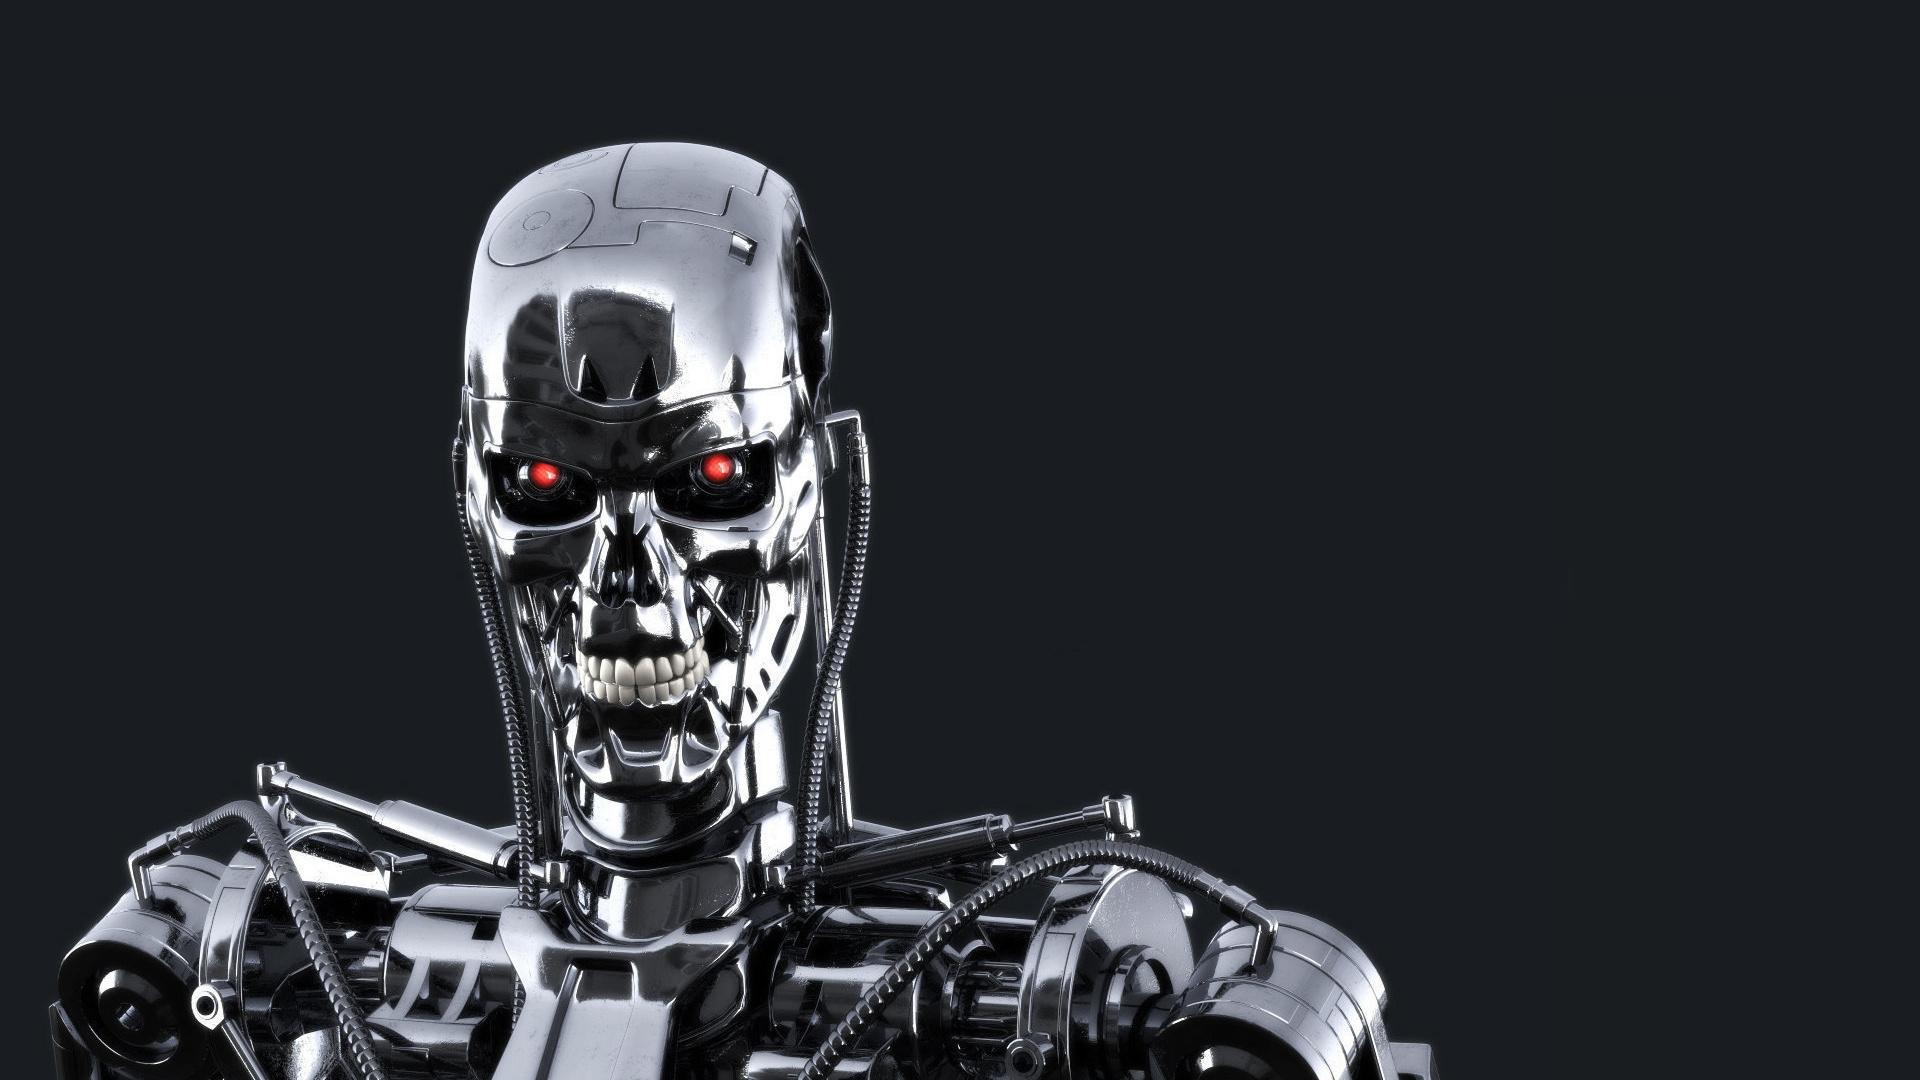 cyborg robot mech mechanical e wallpaper | 1920x1080 | 77200